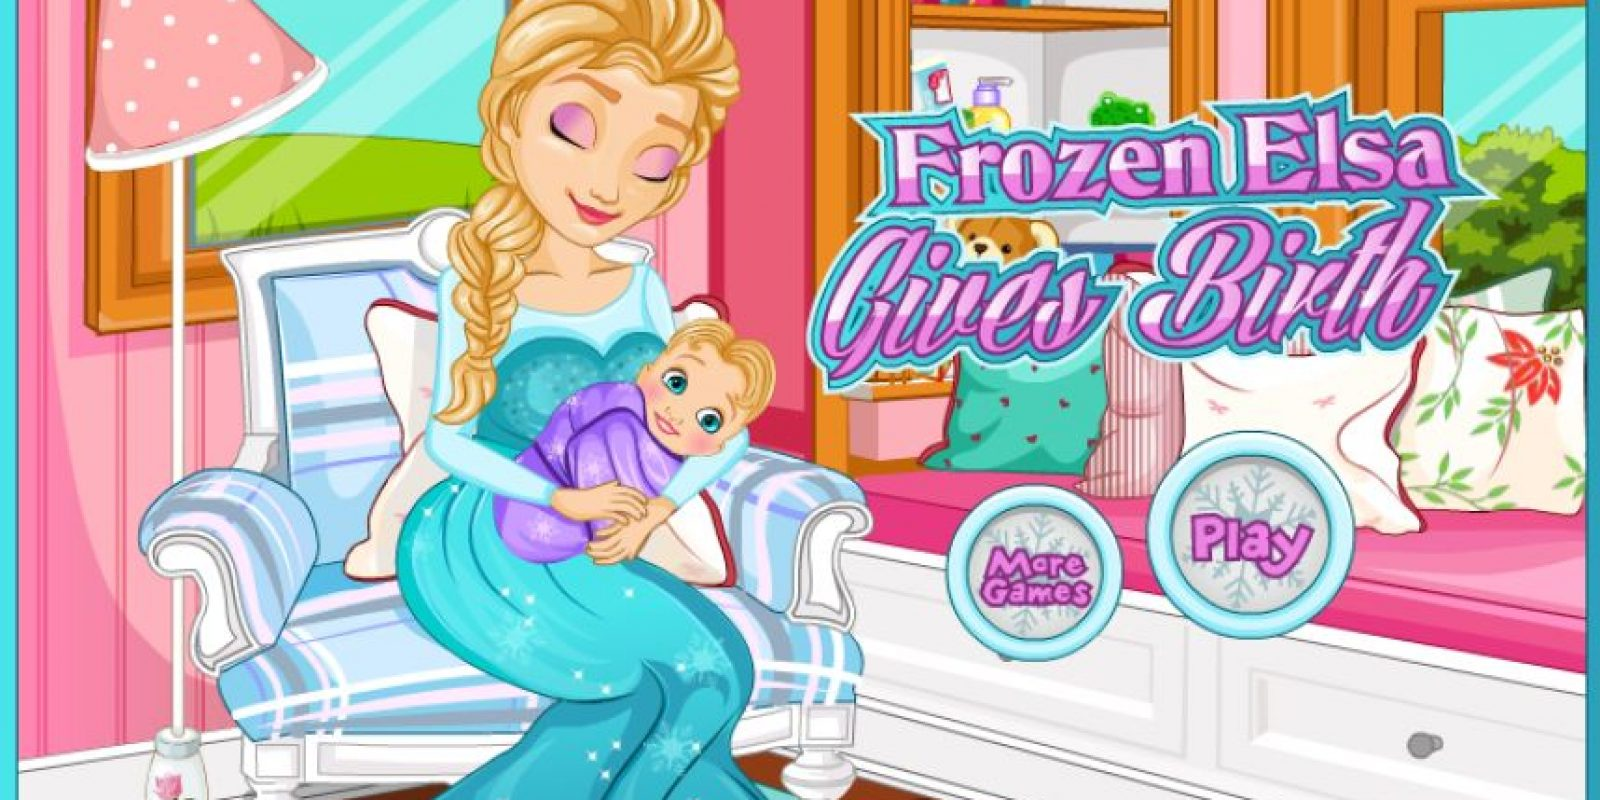 Aunque desconocemos al padre, Elsa también tiene un bebé Foto:Frozen Games